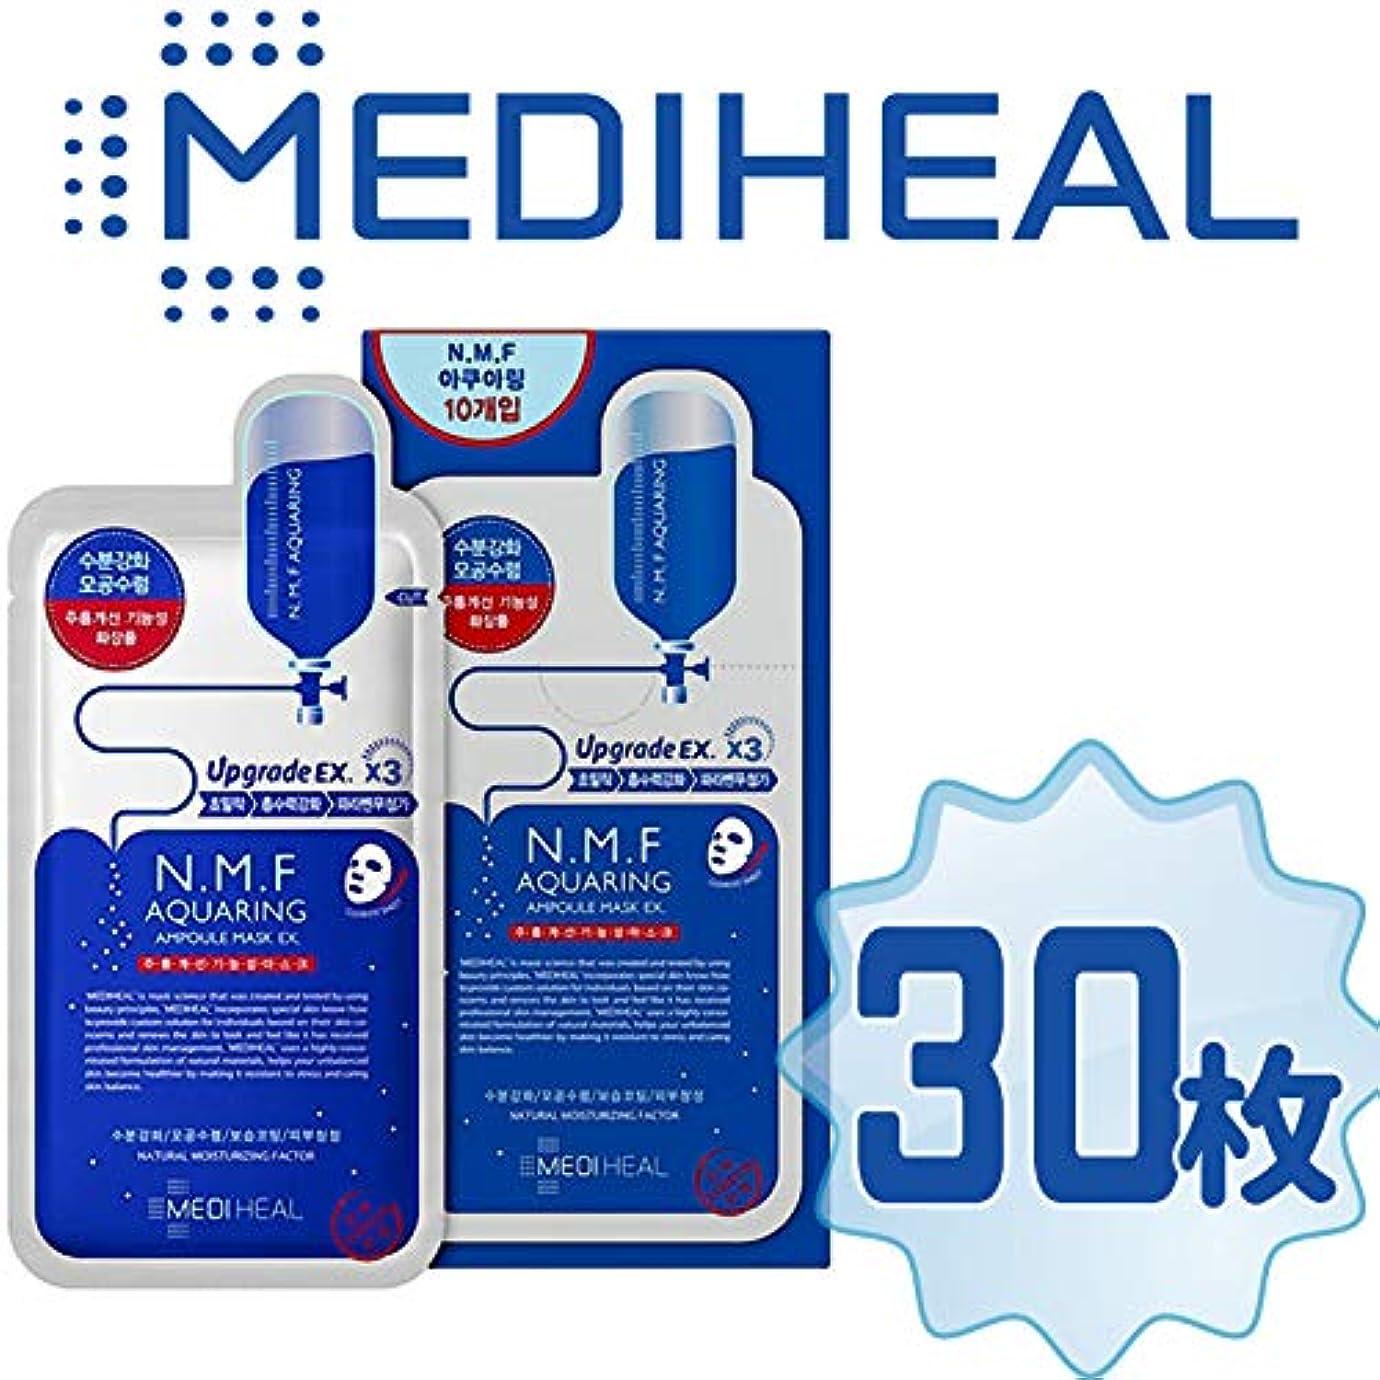 動詞スロープ金銭的な【正規輸入品】Mediheal メディヒール N.M.F アクアリング アンプル?マスクパックEX 10枚入り×3(Aquaring Ampoule Essential Mask PackEX 1box(10sheet)×3